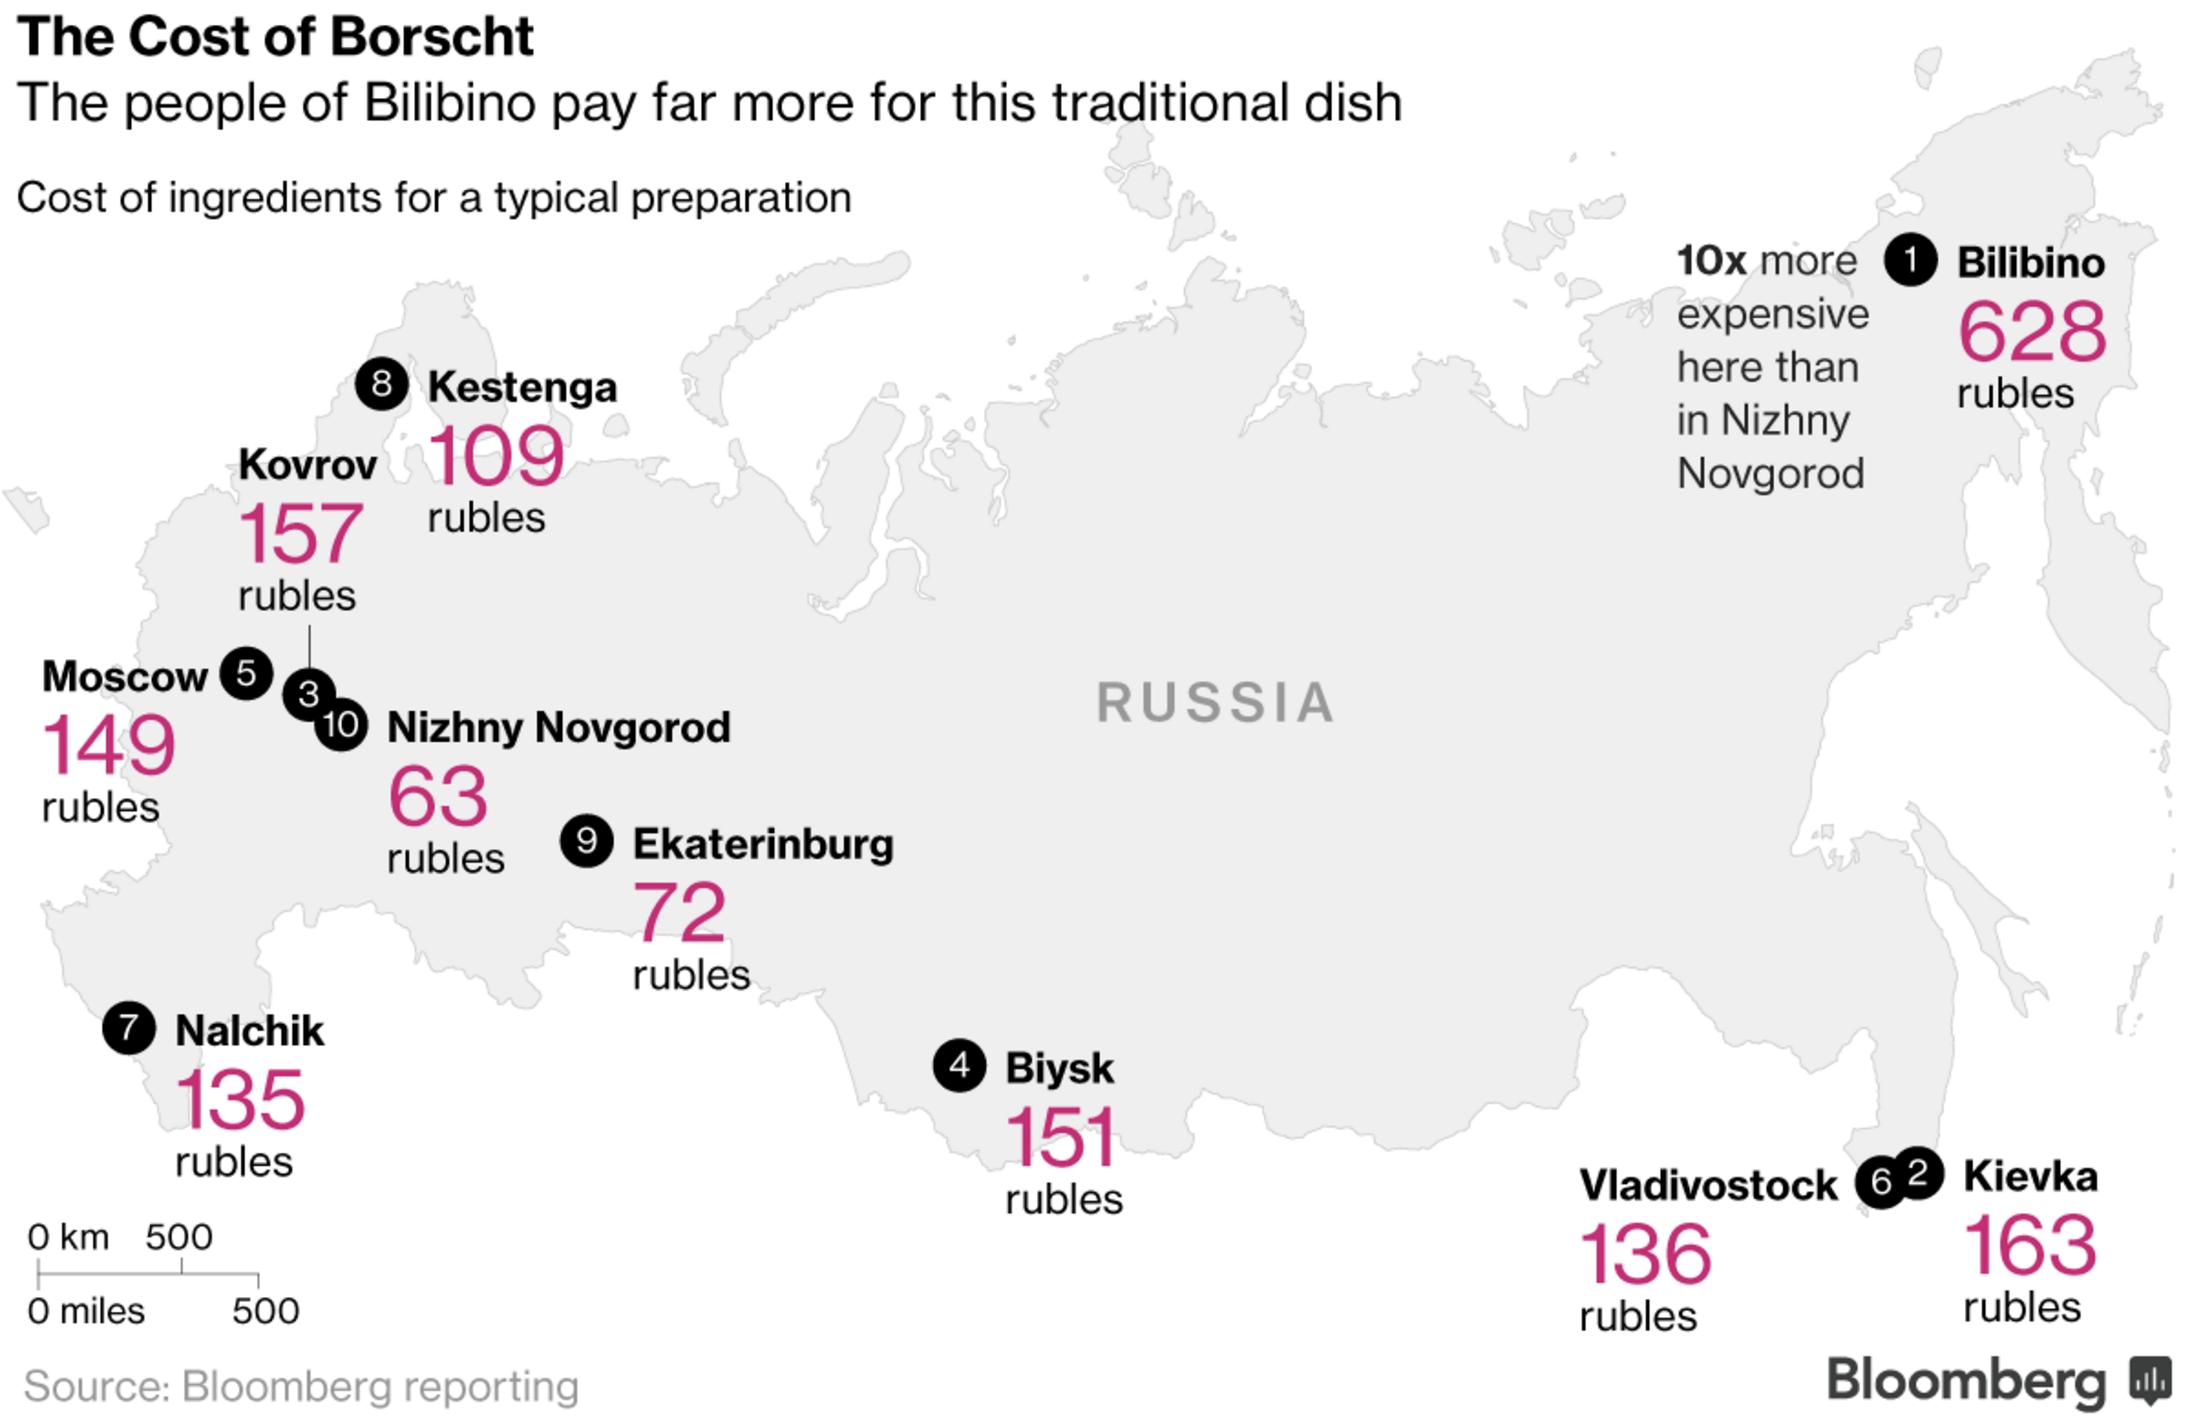 Стоимость набора продуктов для борща в разных регионах России